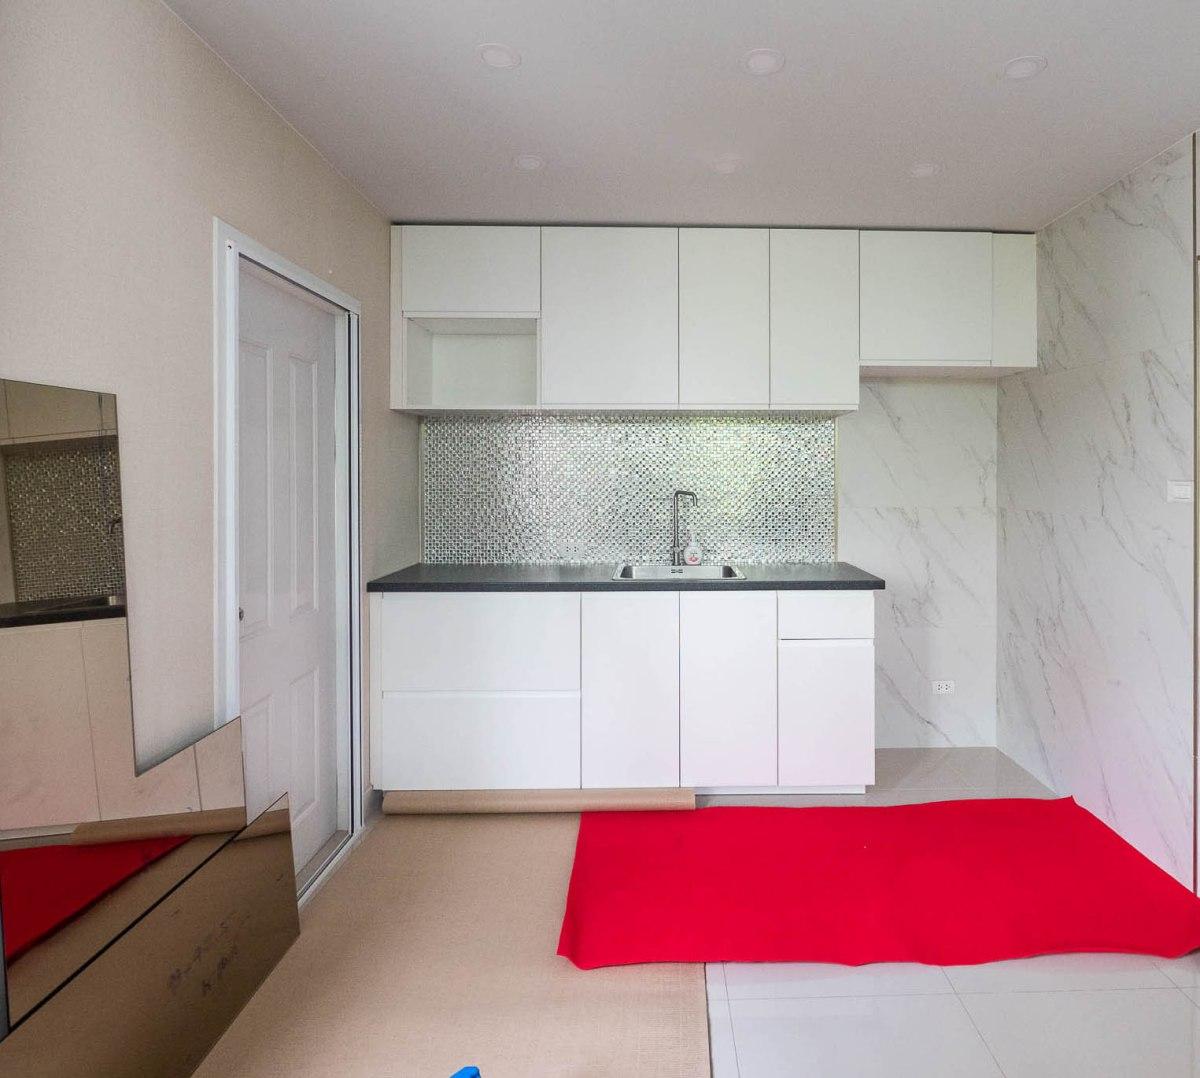 ไอเดียแต่งบ้าน รีโนเวทครัวให้สวยหรูสไตล์ Modern Luxury แบบจบงานไว ไม่กระทบโครงสร้างเดิม 82 - jorakay